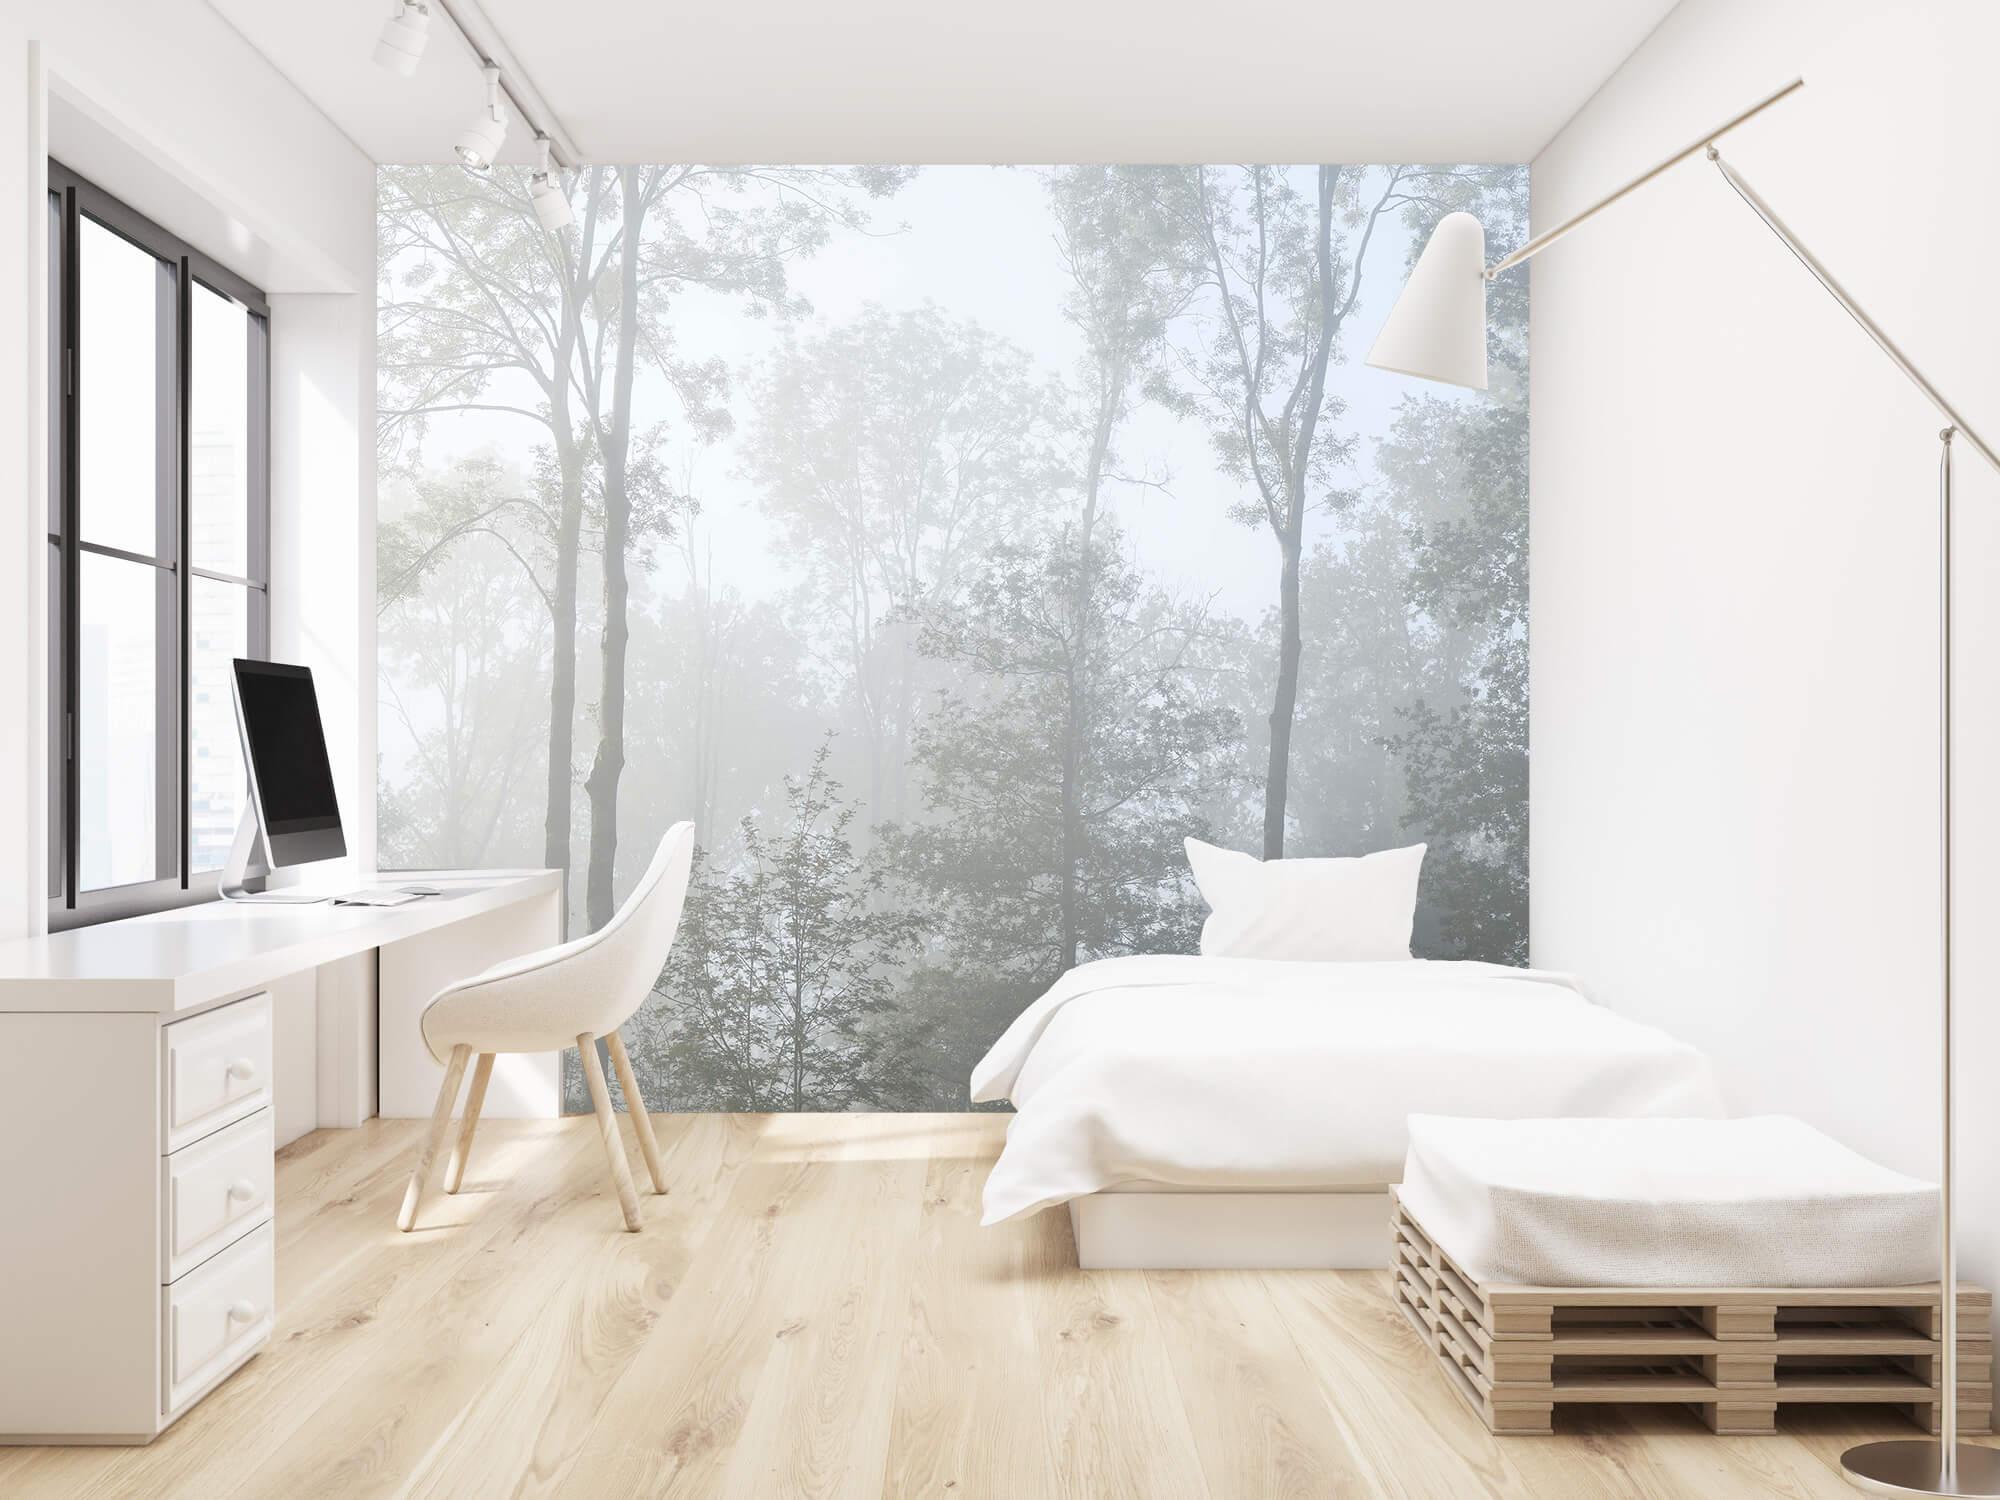 Bos behang Dichte mist in het bos 22